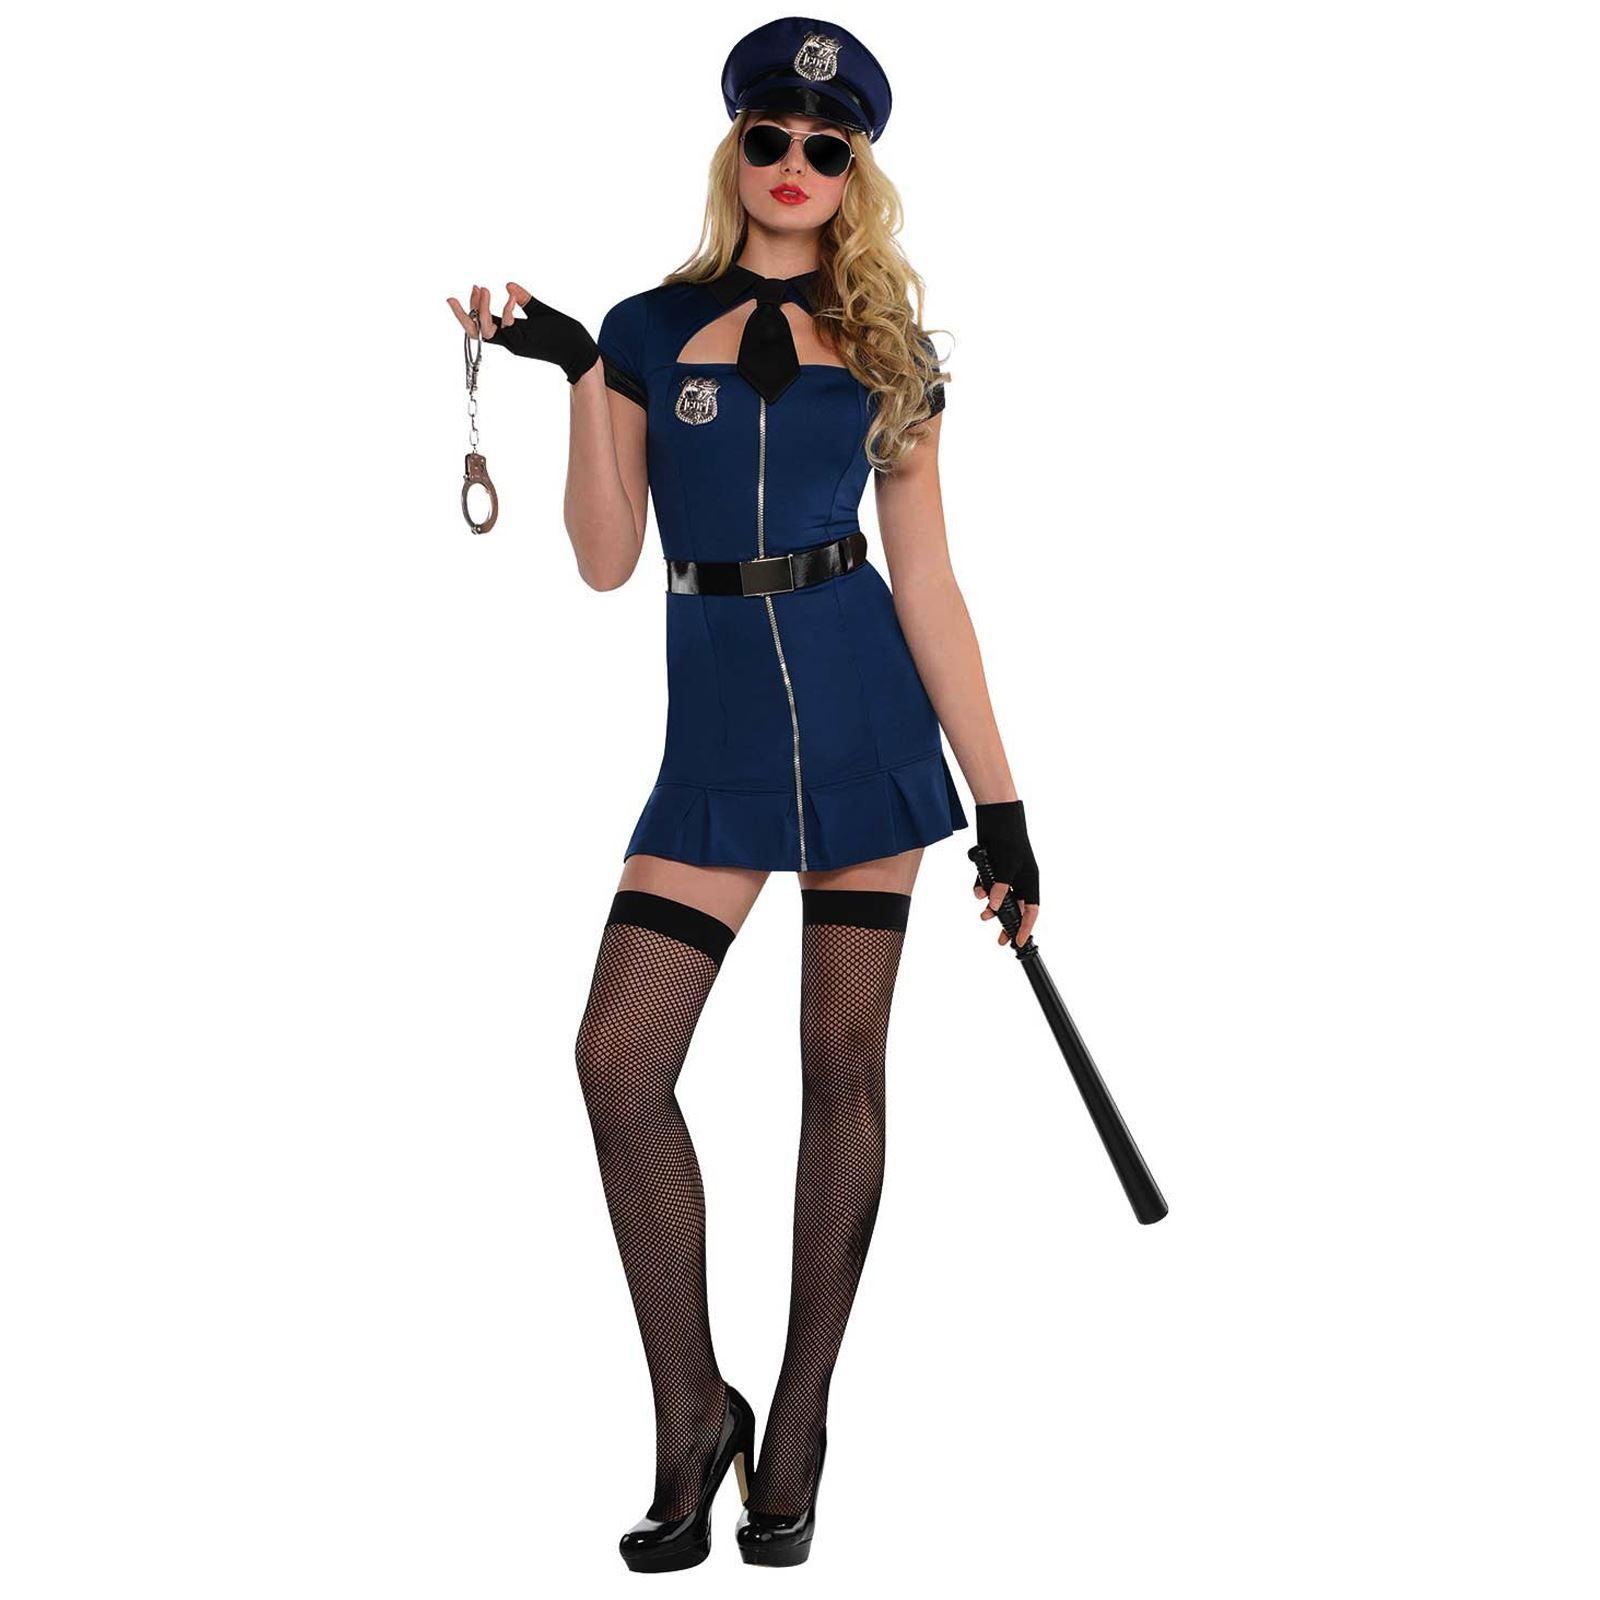 Nottingham england policewomen stripper